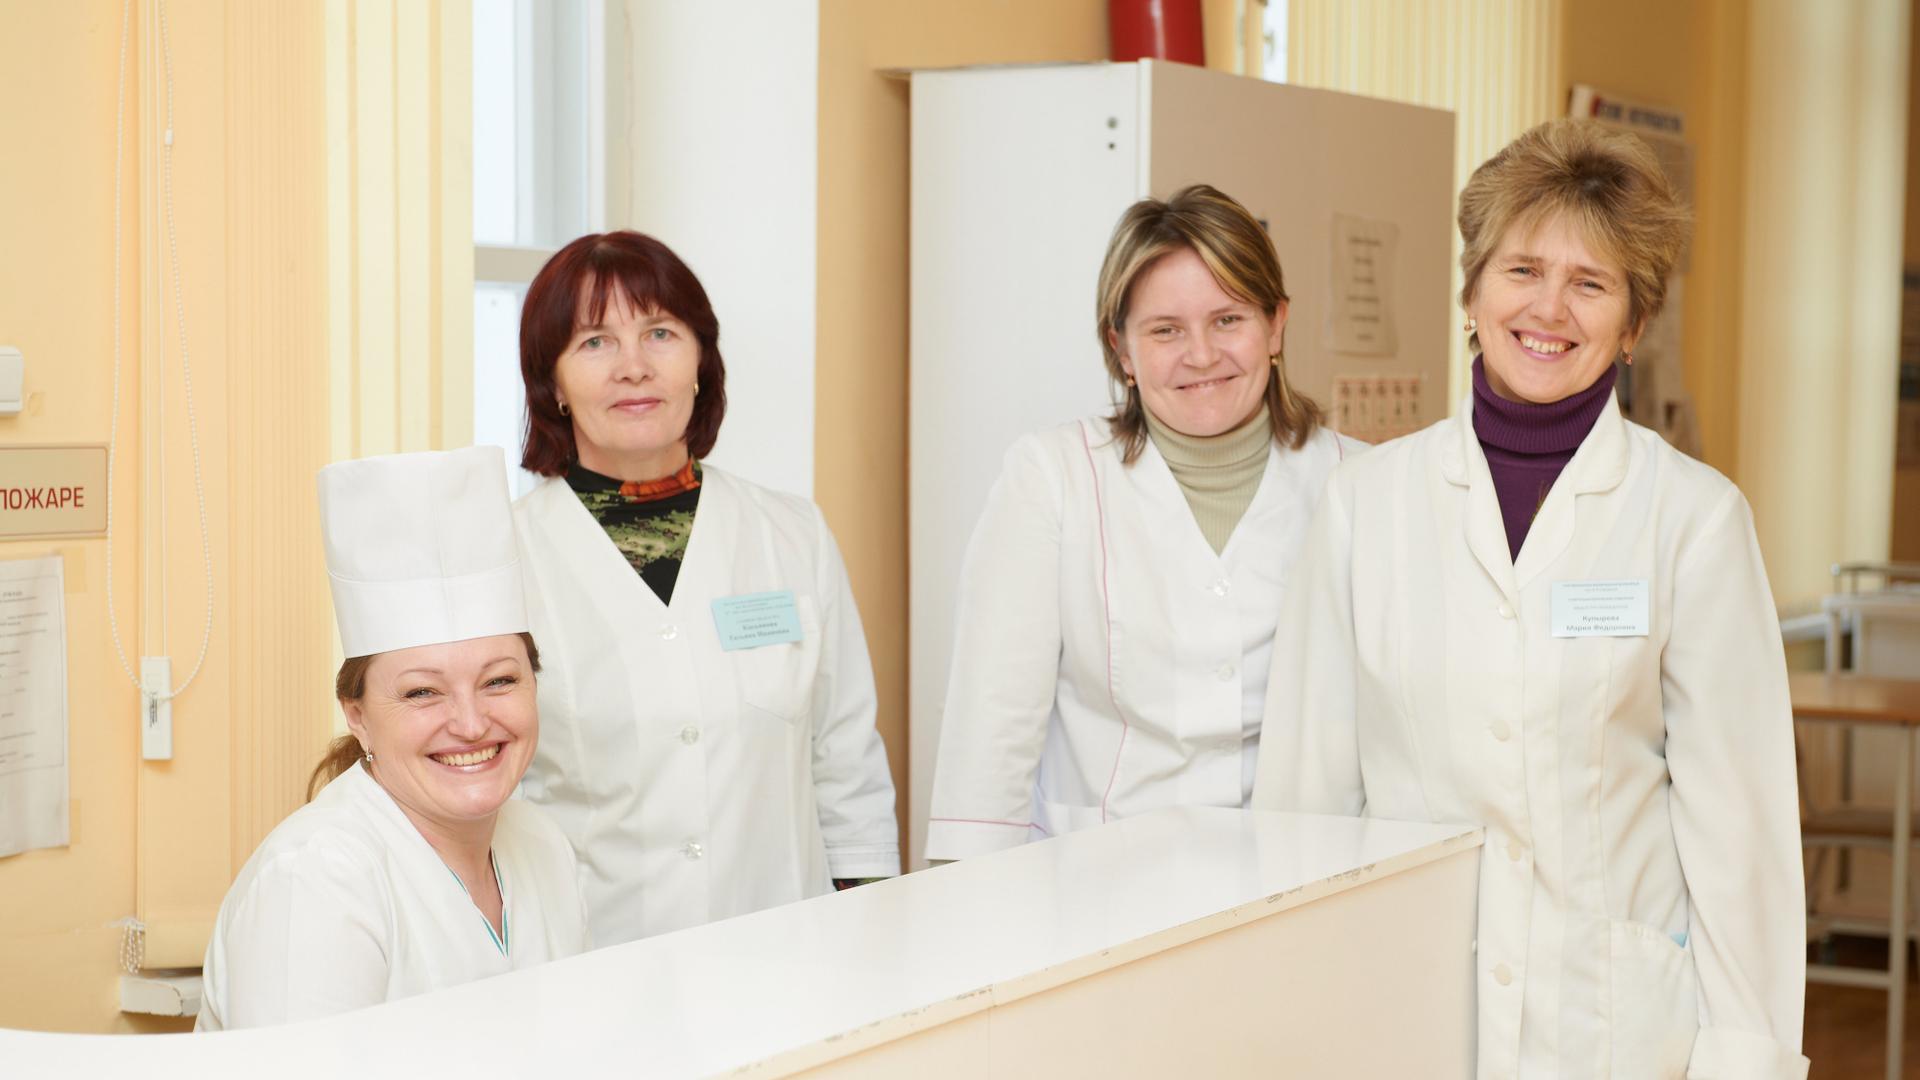 изготовлении стоматология больницы семашко архангельск поэтому, многие